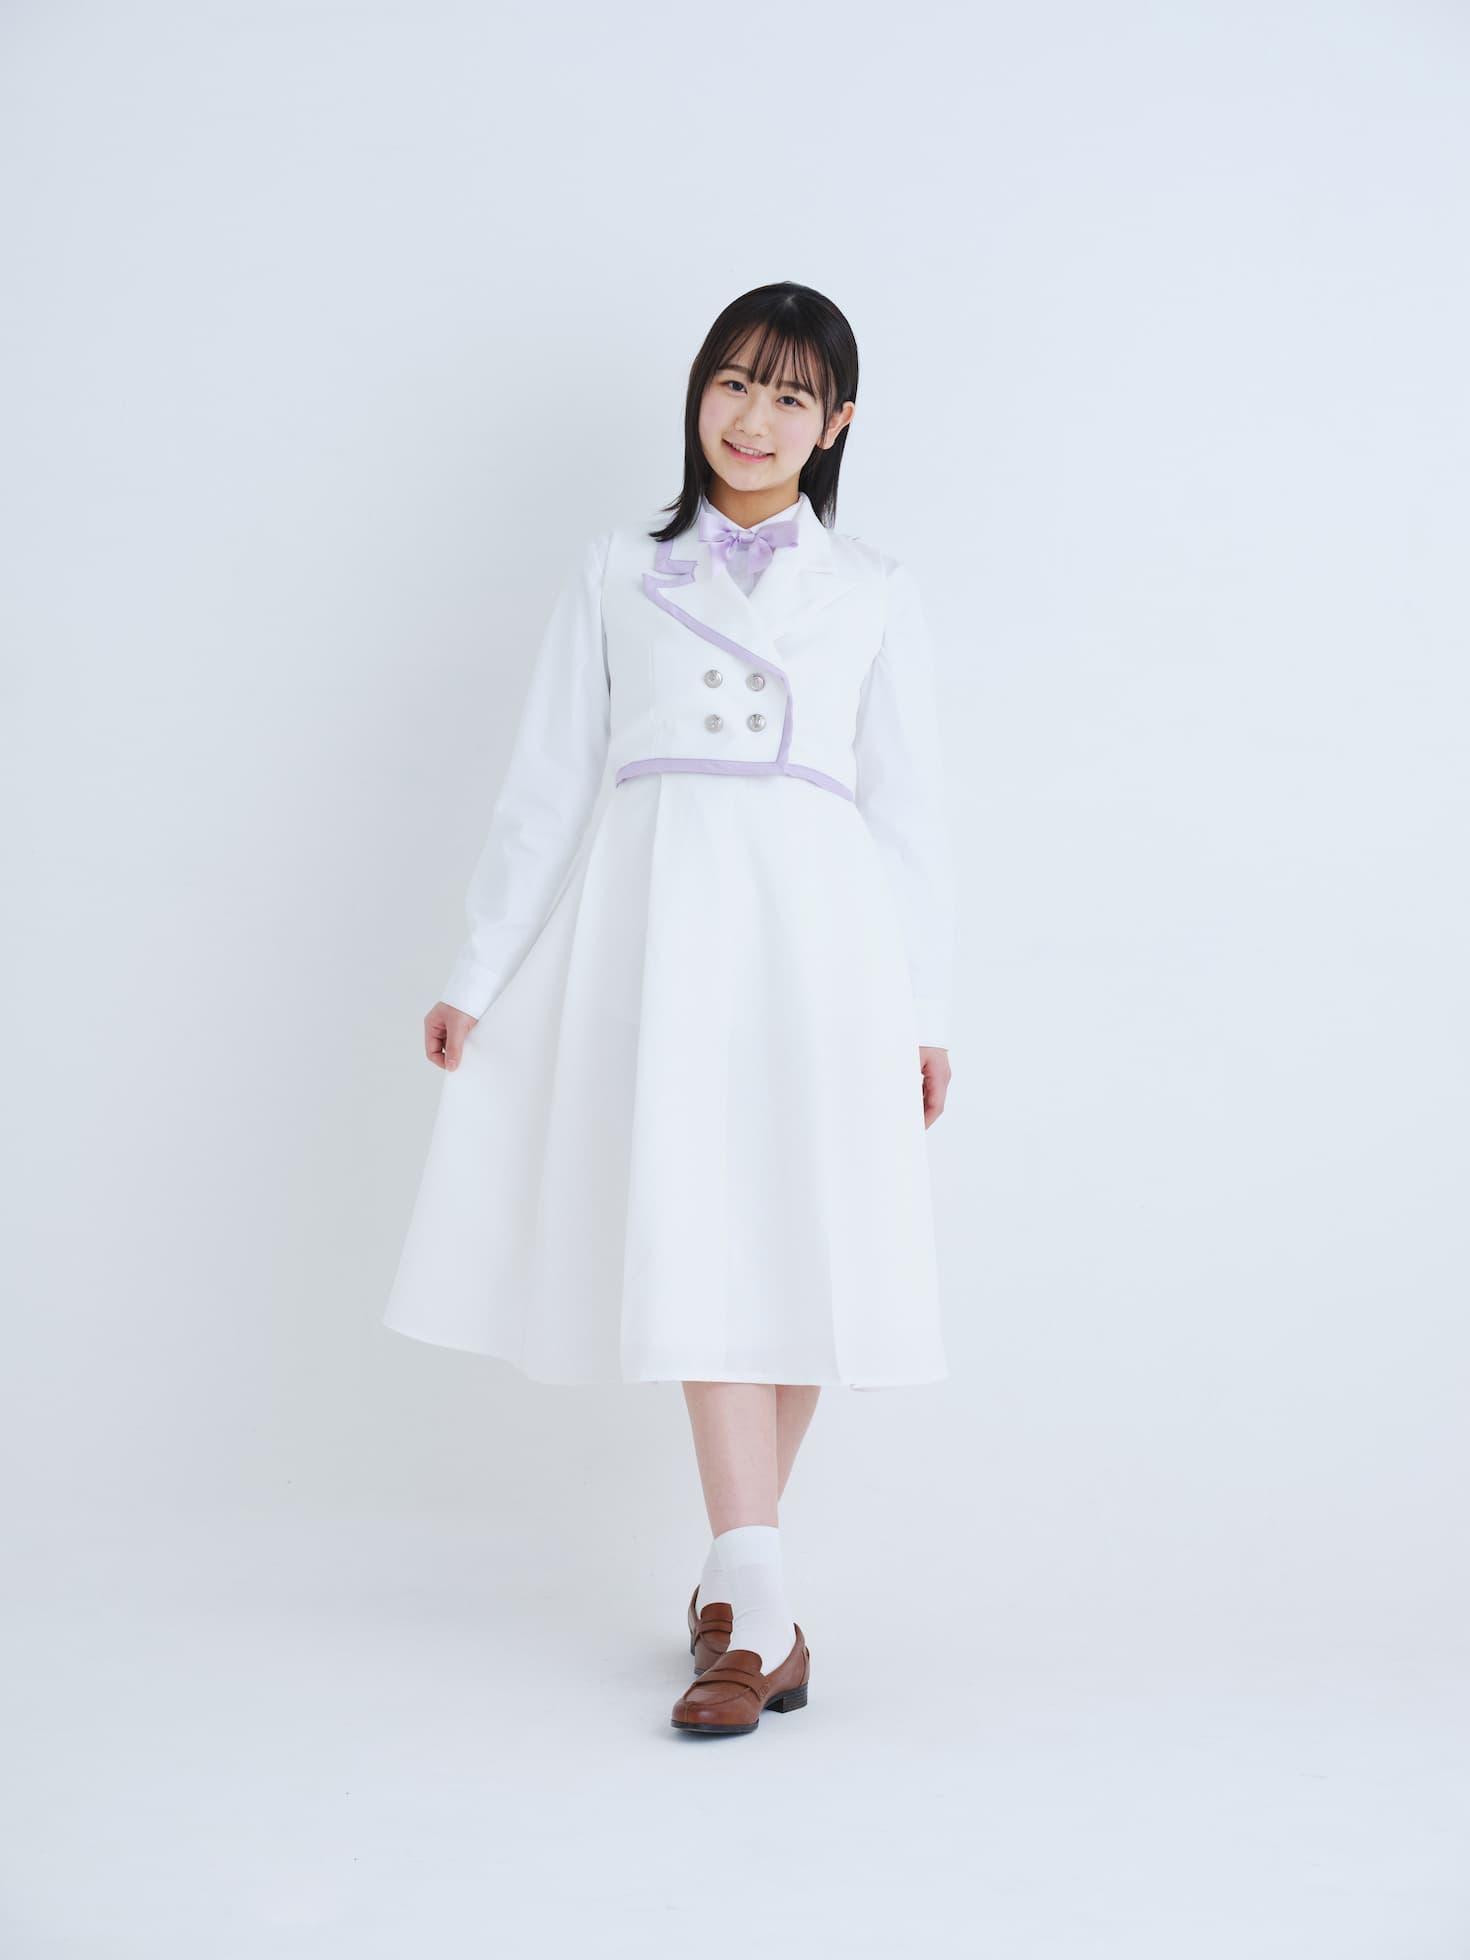 mizukawa_ren_04